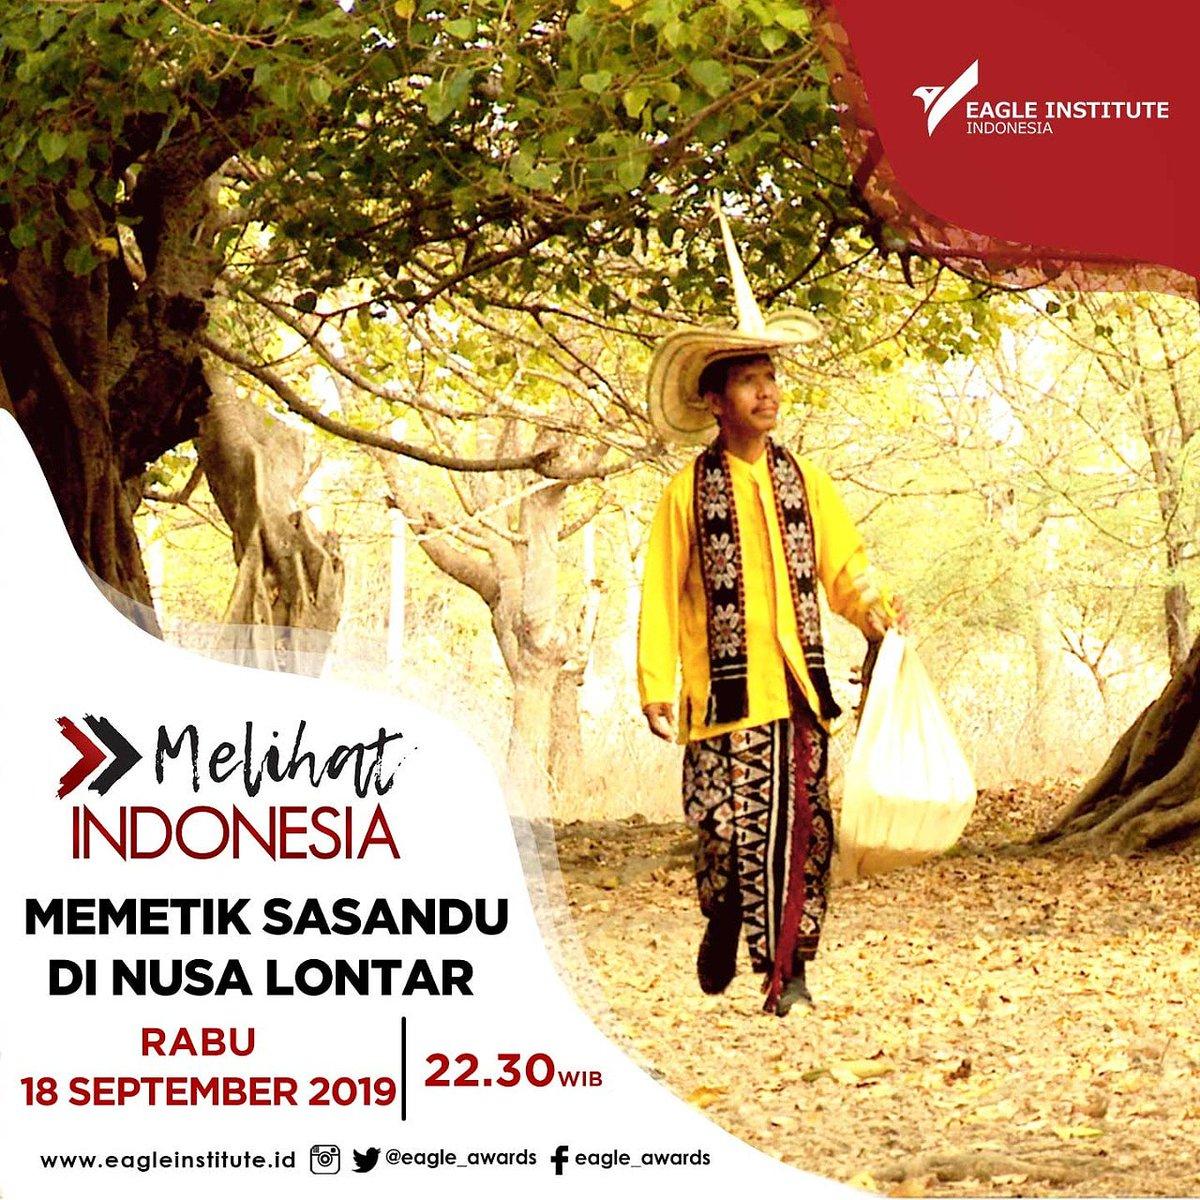 """Sebagian orang di Rote menganggap Sasandu Gong adalah alat musik tradisional yang ketinggalan zaman. Padahal Sasandu bukan hanya sebuah alat musik namun juga sebuah identitas.#MELIHATINDONESIAMETROTV episode """"Memetik Sasandu di Nusa Lontar"""" hari Rabu (18/9) pukul 22.30 WIB."""